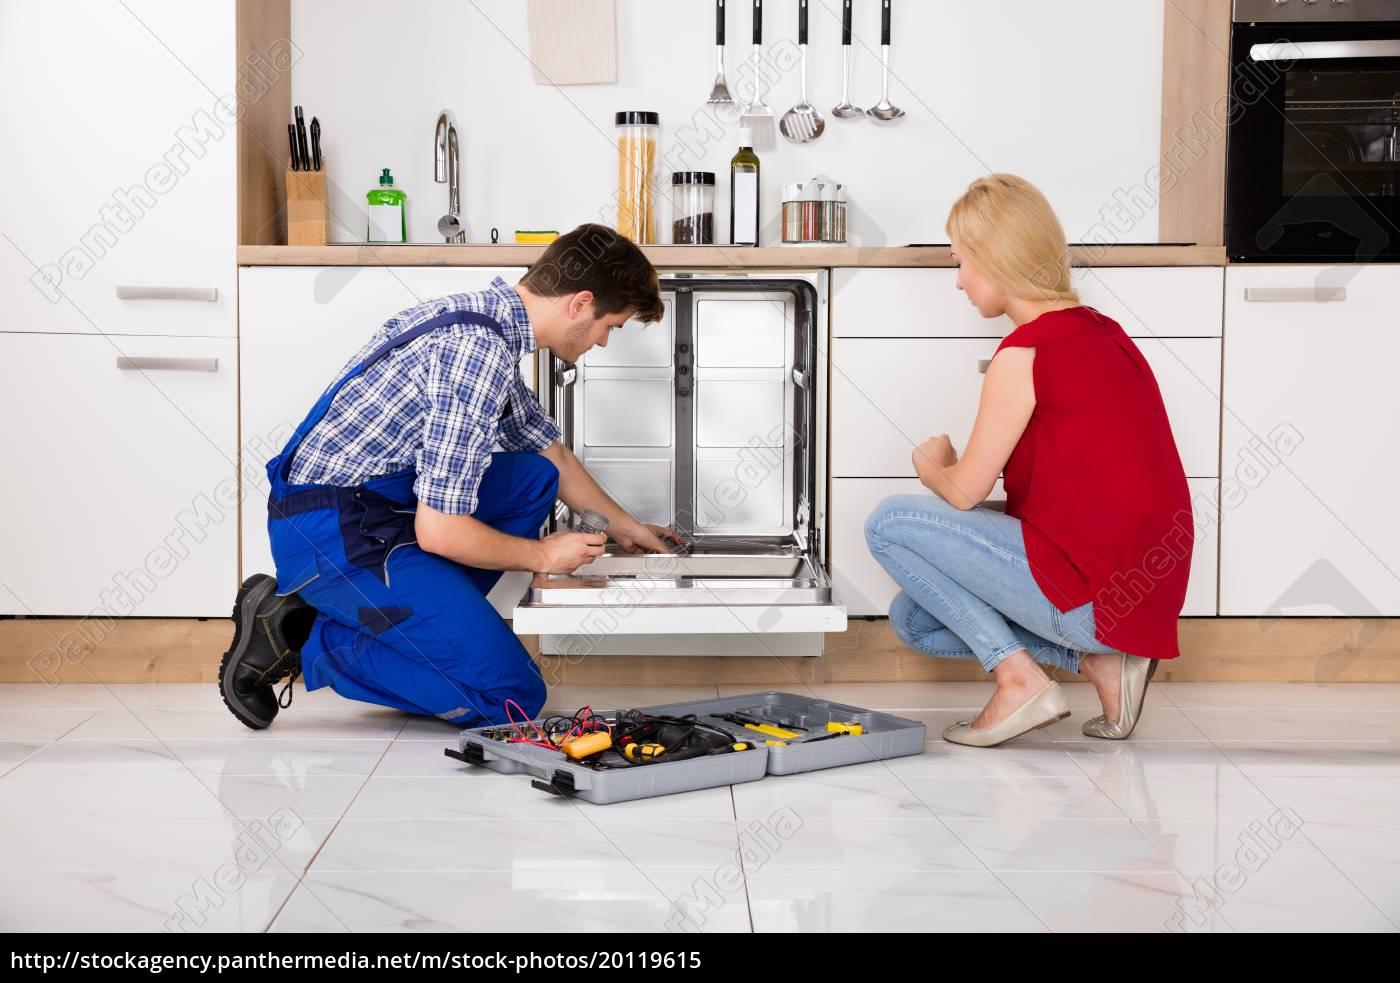 woman, looking, at, repairman, repairing, dishwasher - 20119615